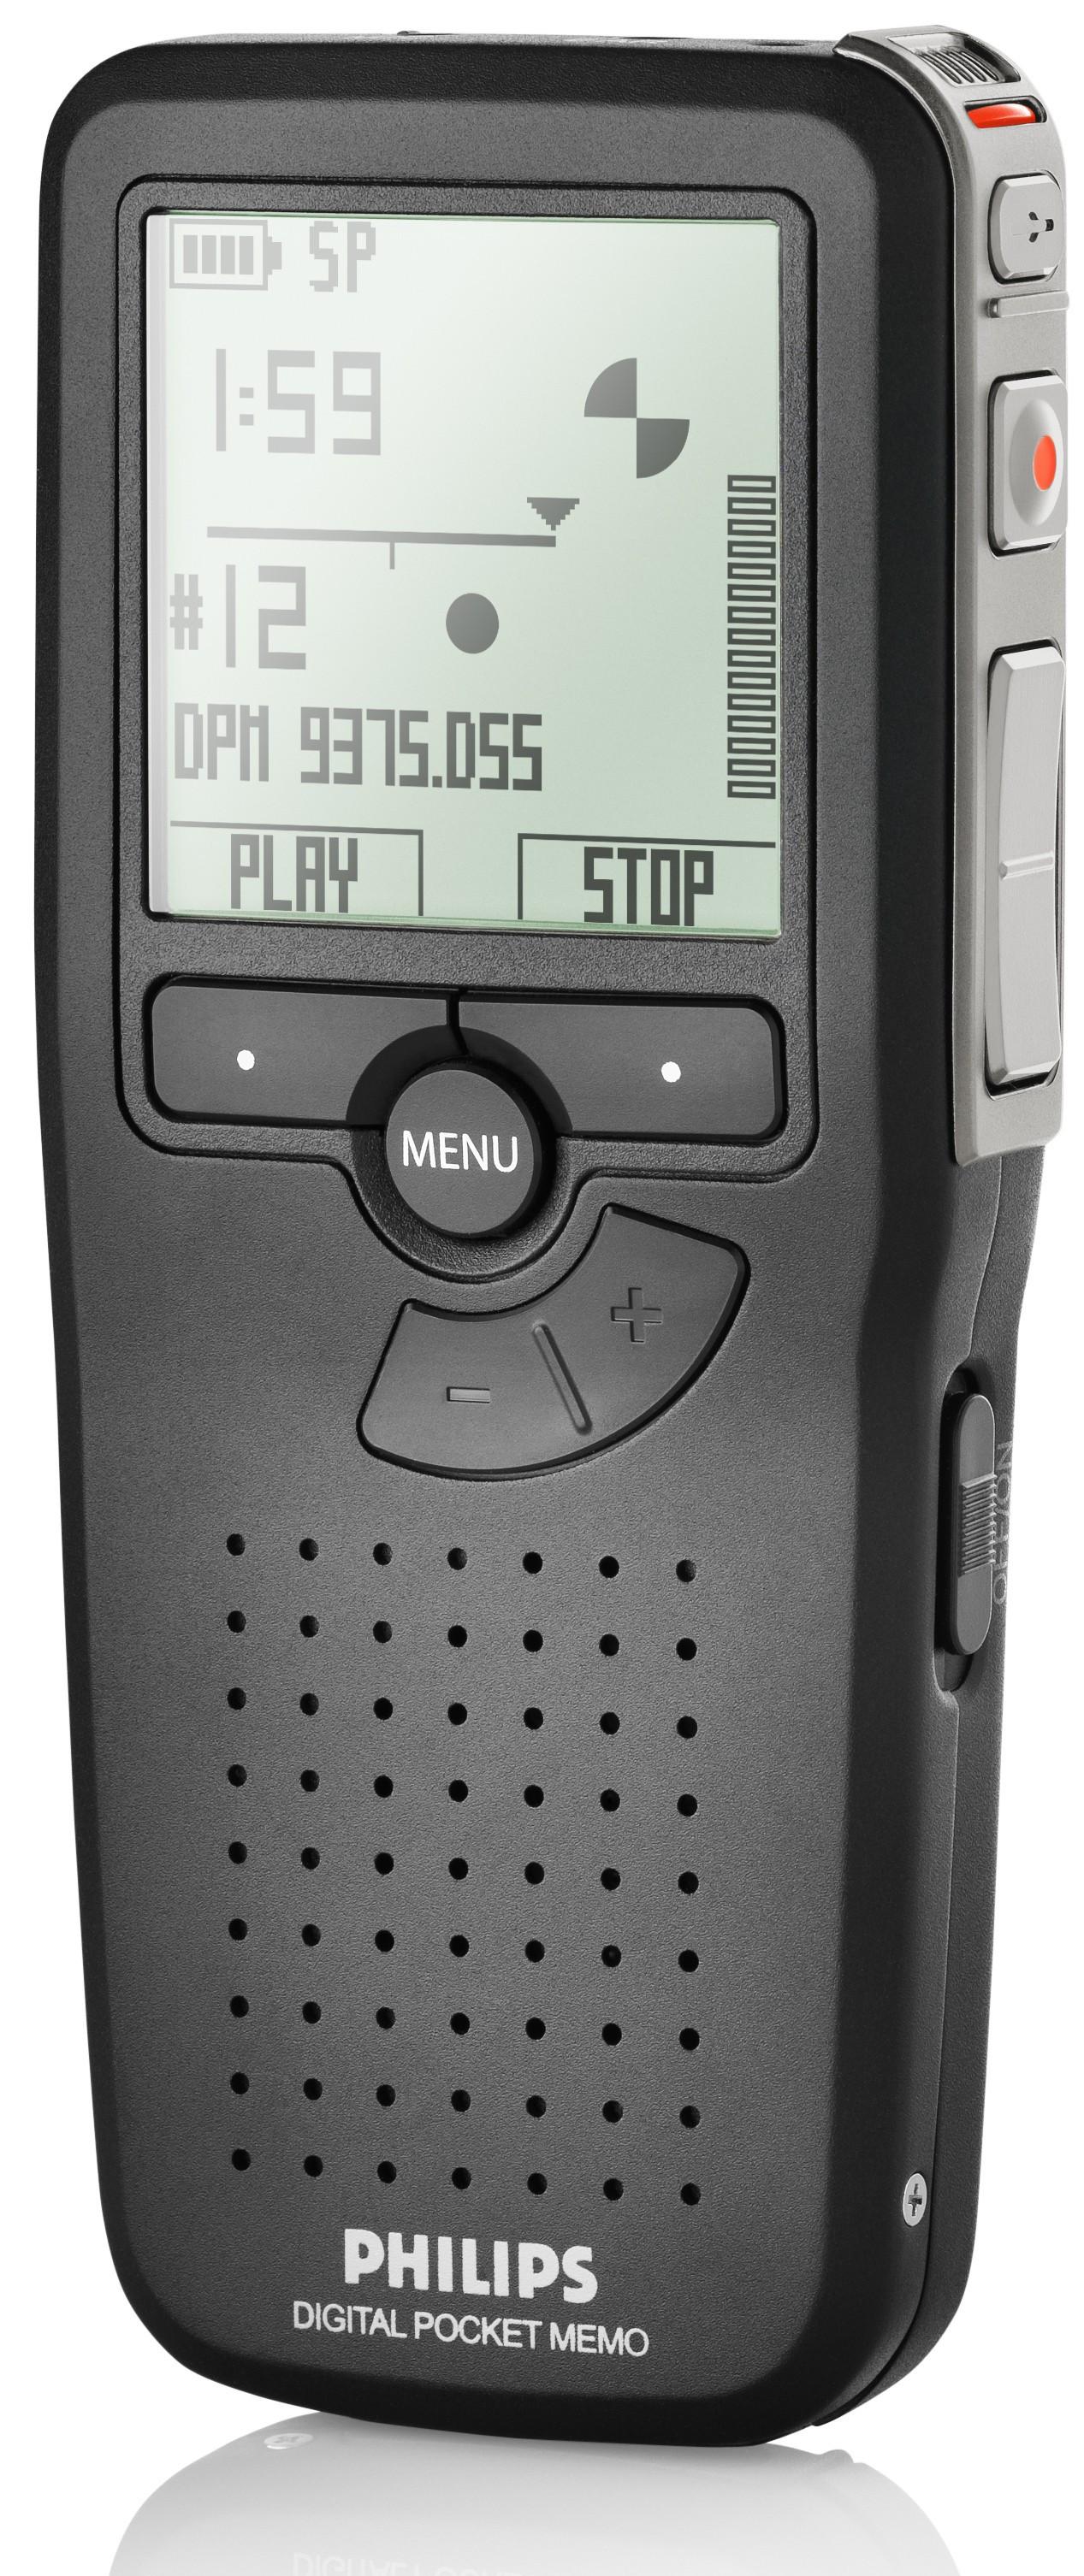 Philips LFH9375 Diktafon - Pocket Memo